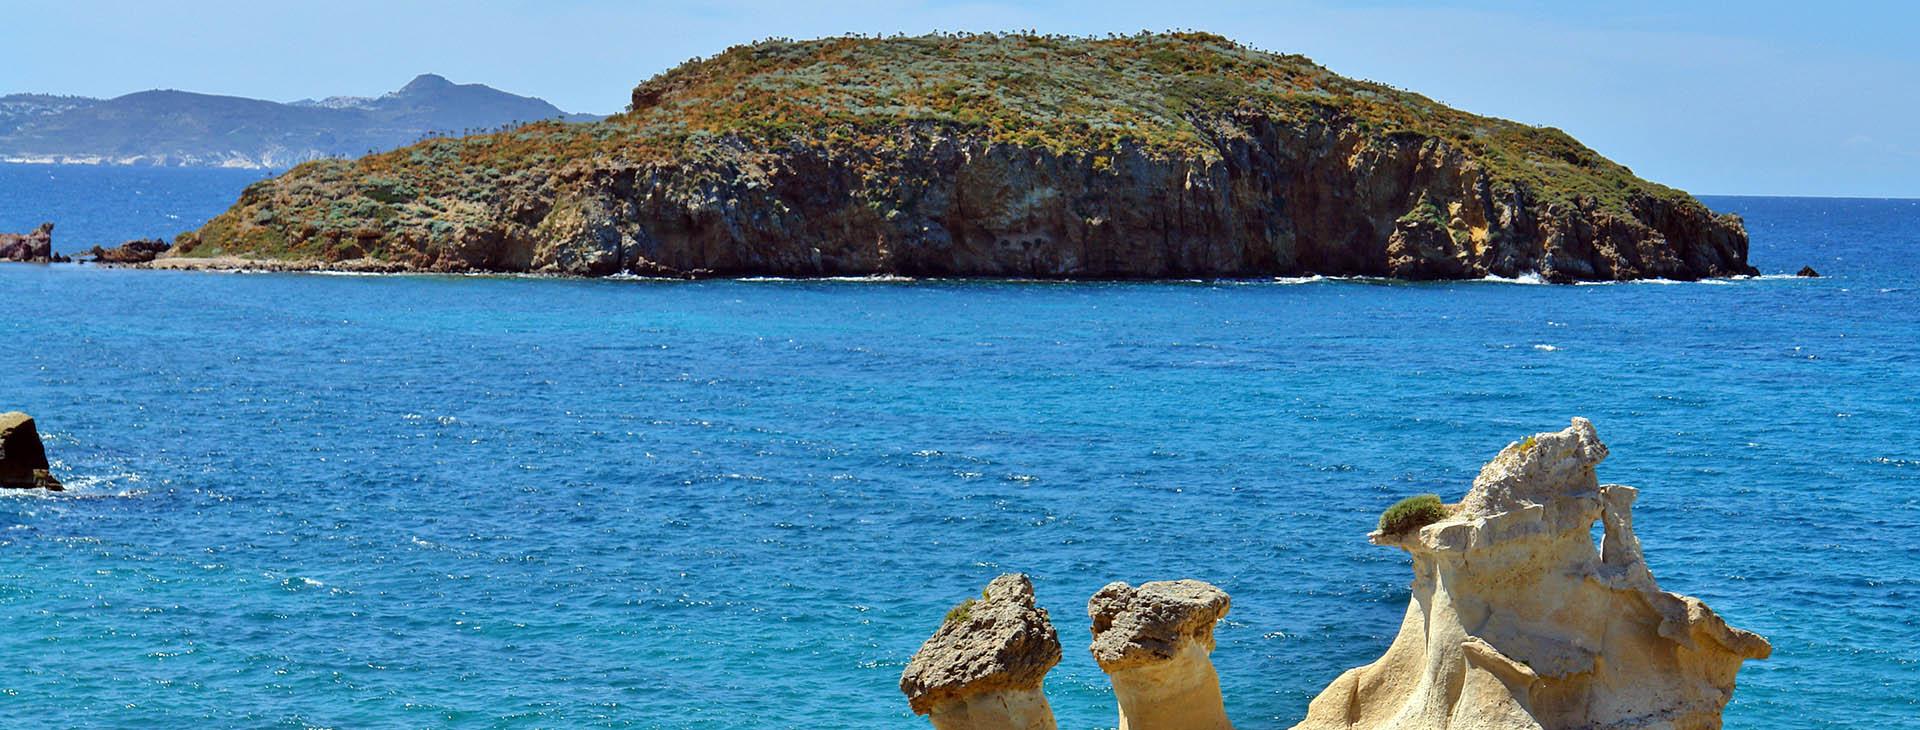 Islet St. Andreas, Kimolos island